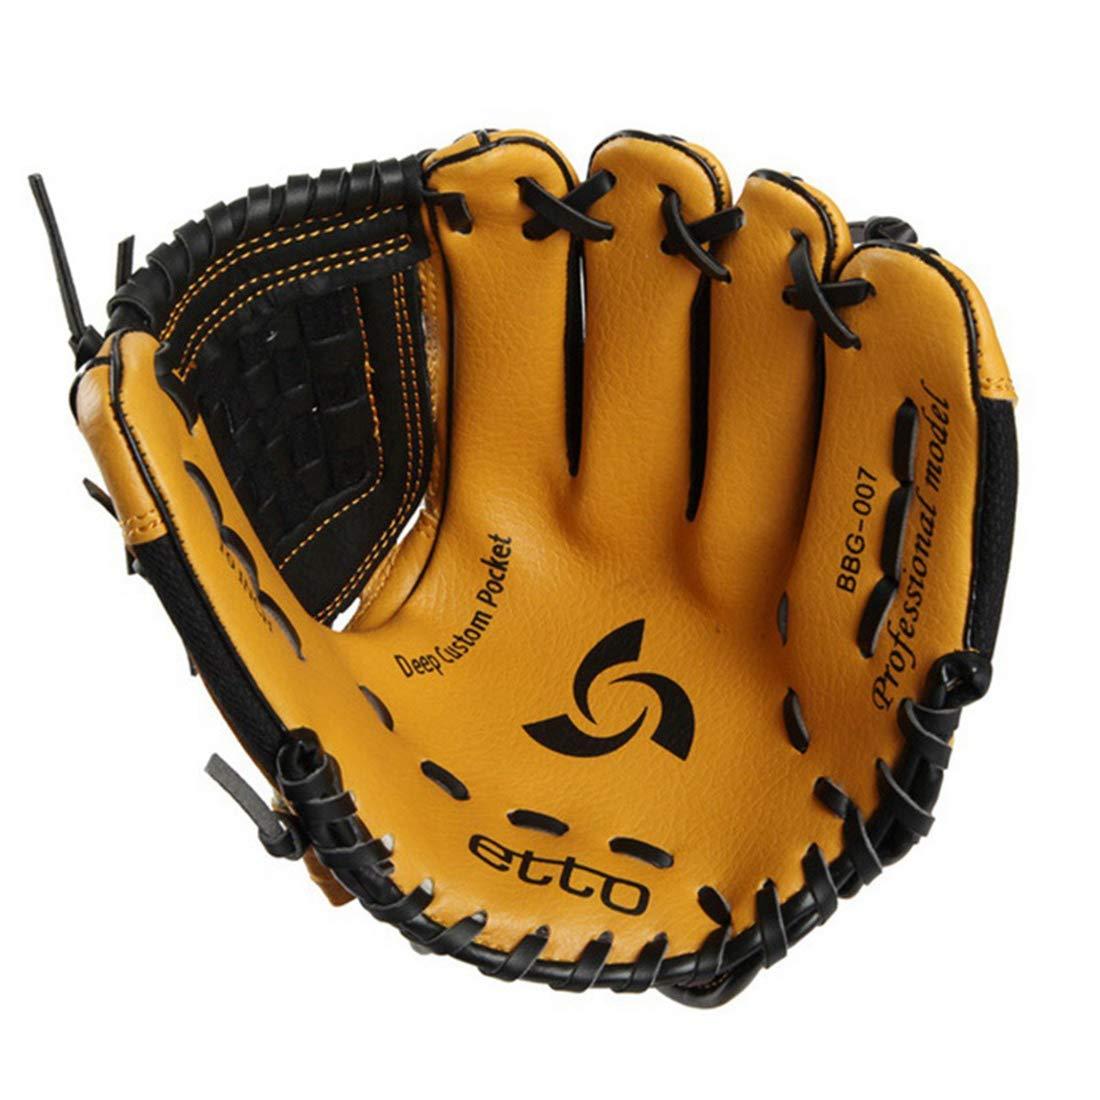 有名な高級ブランド FREAHAP R キッズ 野球グローブ Left ピッチャーグローブ 野外グローブ 野球 Hand 野球 トレーニング ソフトボール ティーボール 練習用 B07J4W58HW Left Hand Glove, Retailer リテイラー:05608eb1 --- a0267596.xsph.ru